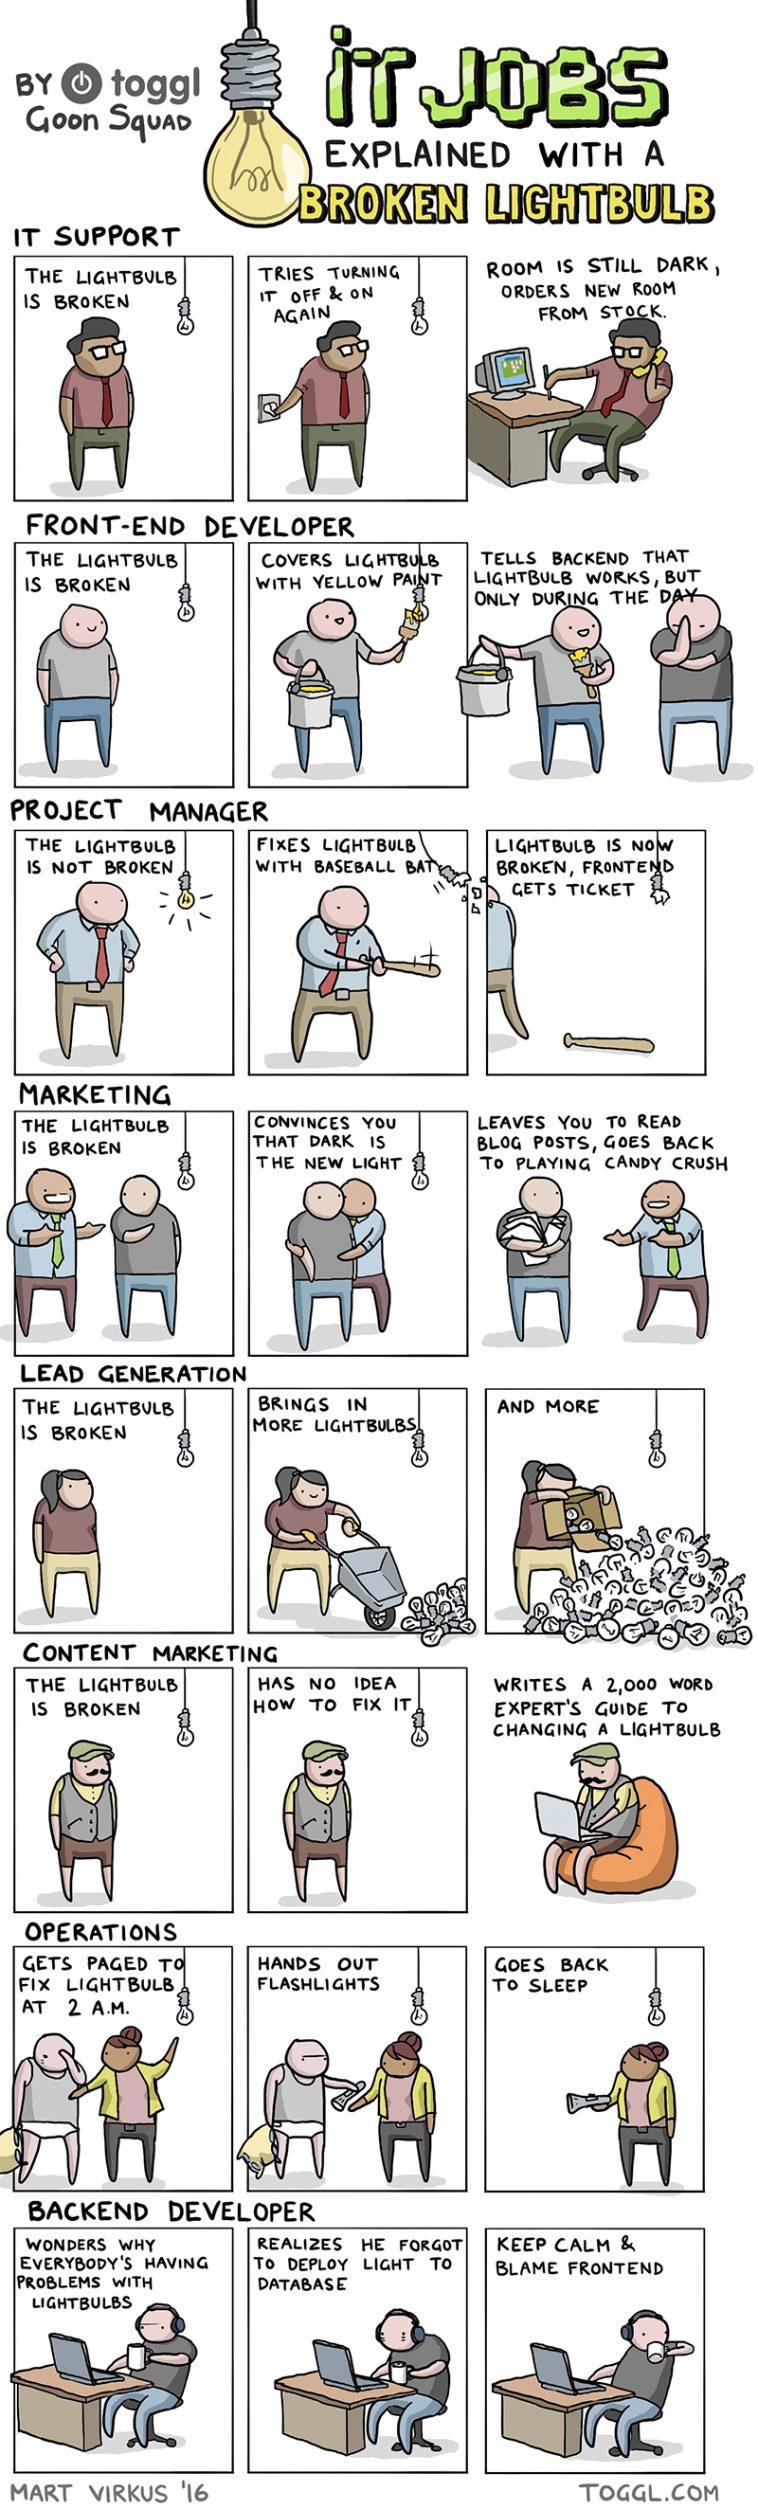 IT jobs explained with a broken lightbulb   developer-memes, marketing-memes, backend-memes, frontend-memes, data-memes, database-memes, fix-memes, IT-memes, idea-memes, ide-memes, front-end-memes, manager-memes   ProgrammerHumor.io